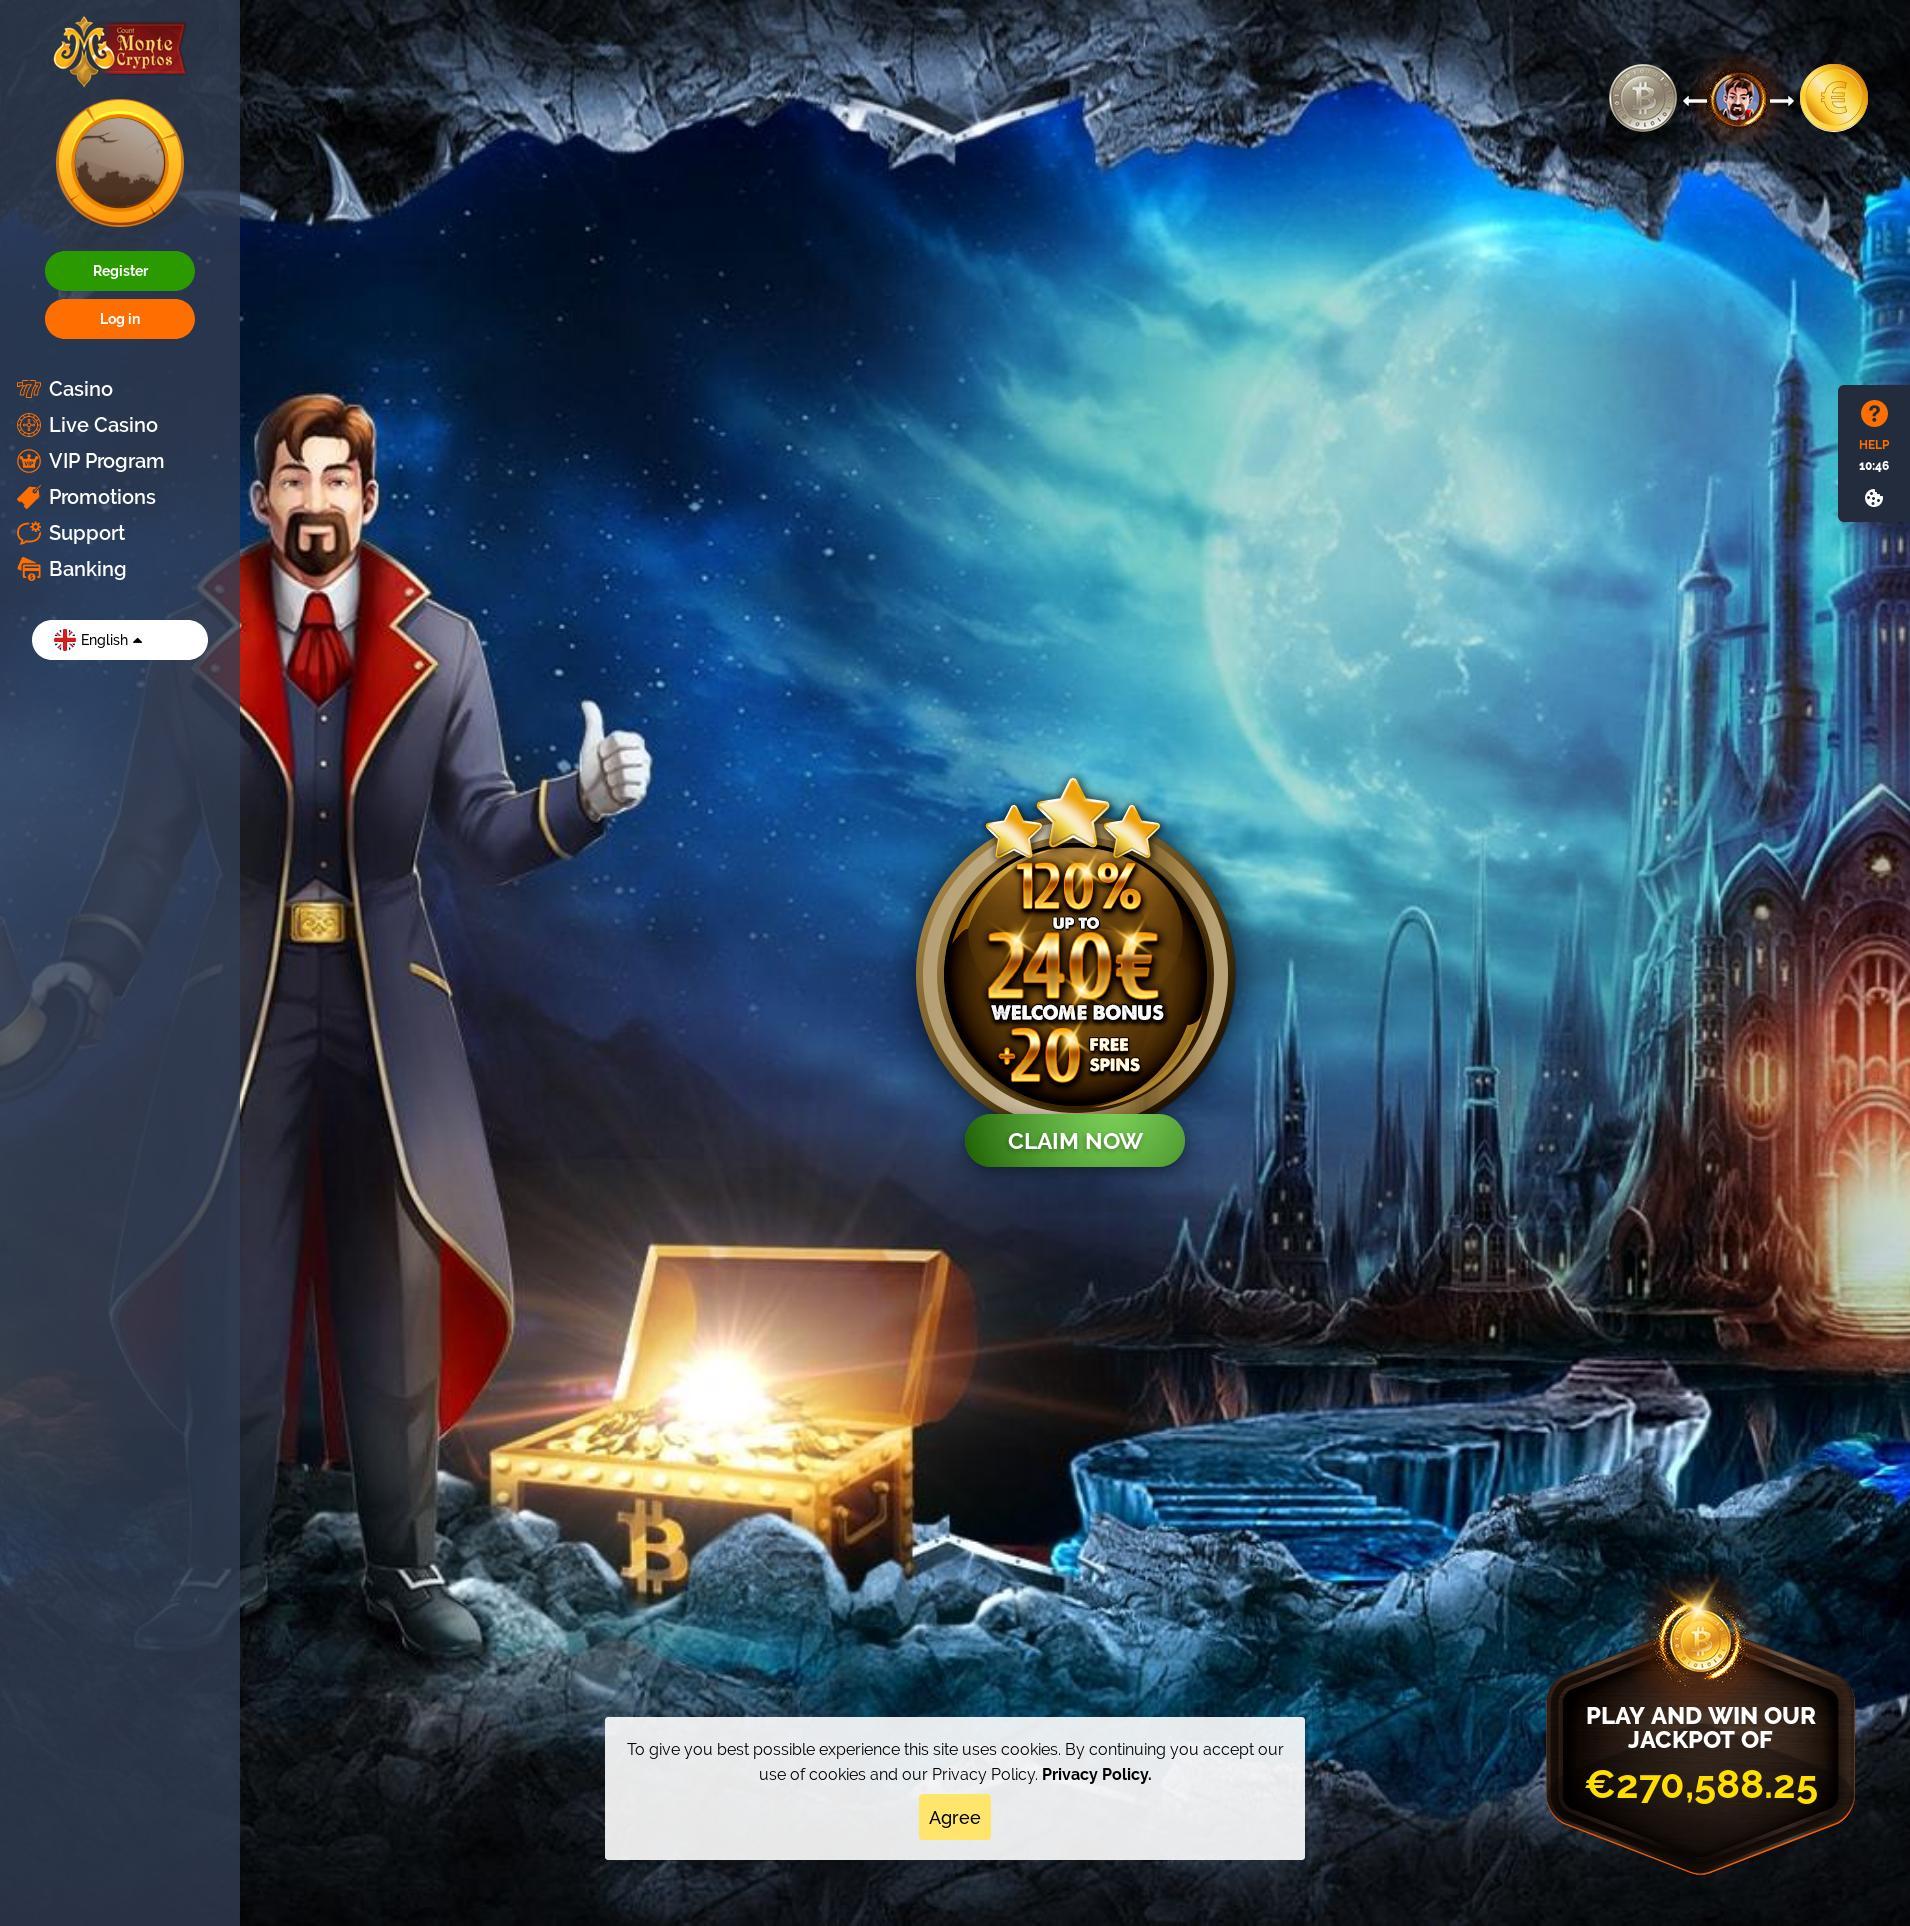 Écran de casino Lobby 2019-09-21 pour France